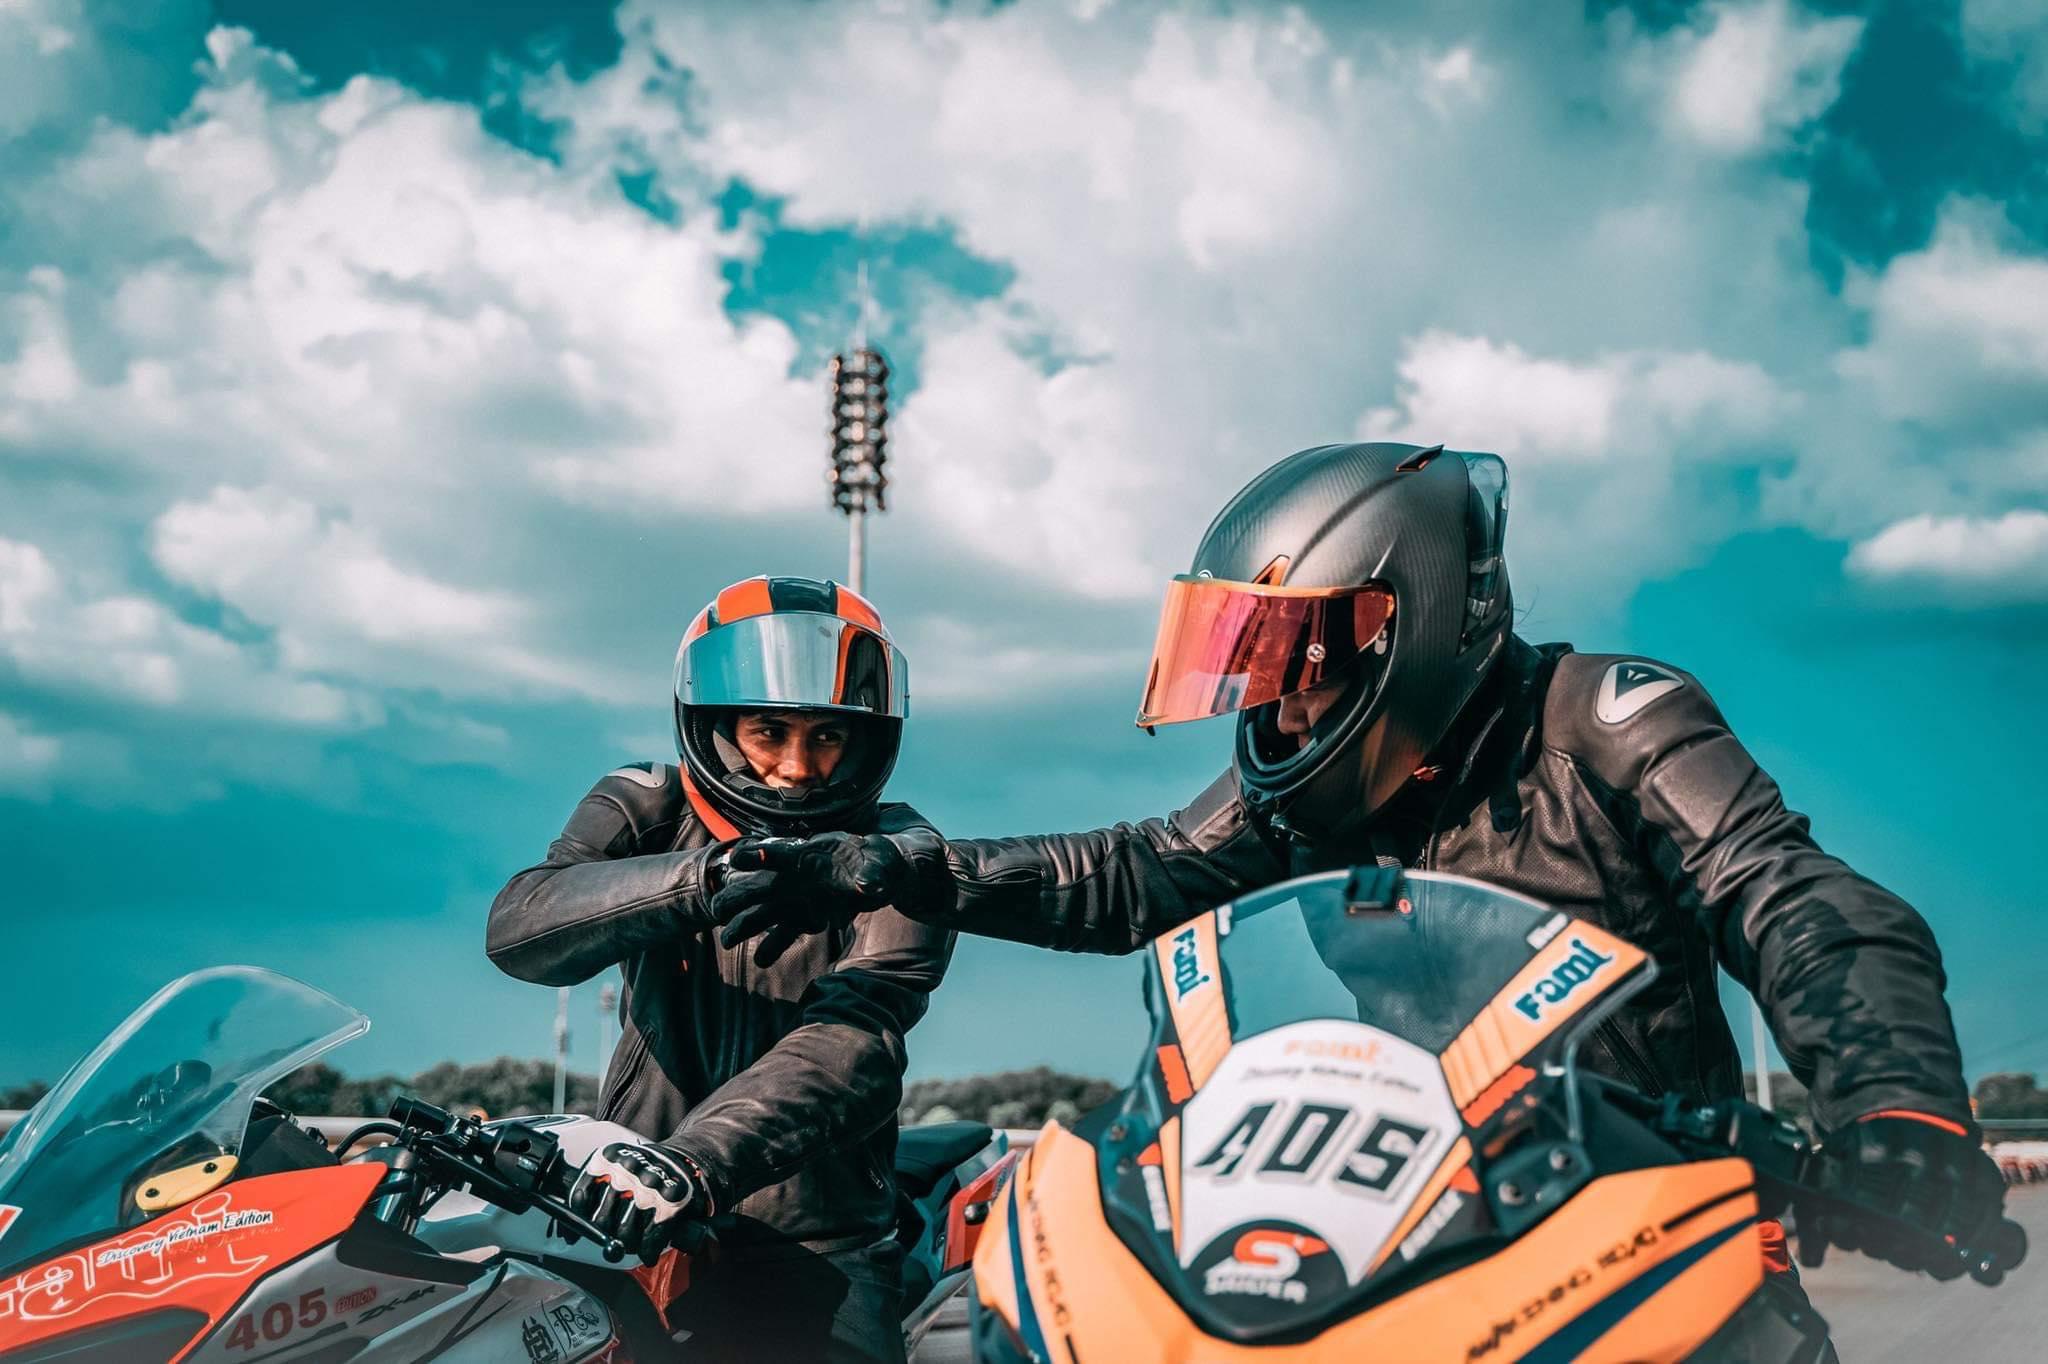 Dời ngày tổ chức Giải đua xe mô tô Awakening Road Con đường thức tỉnh 2021 Xefun - 3435